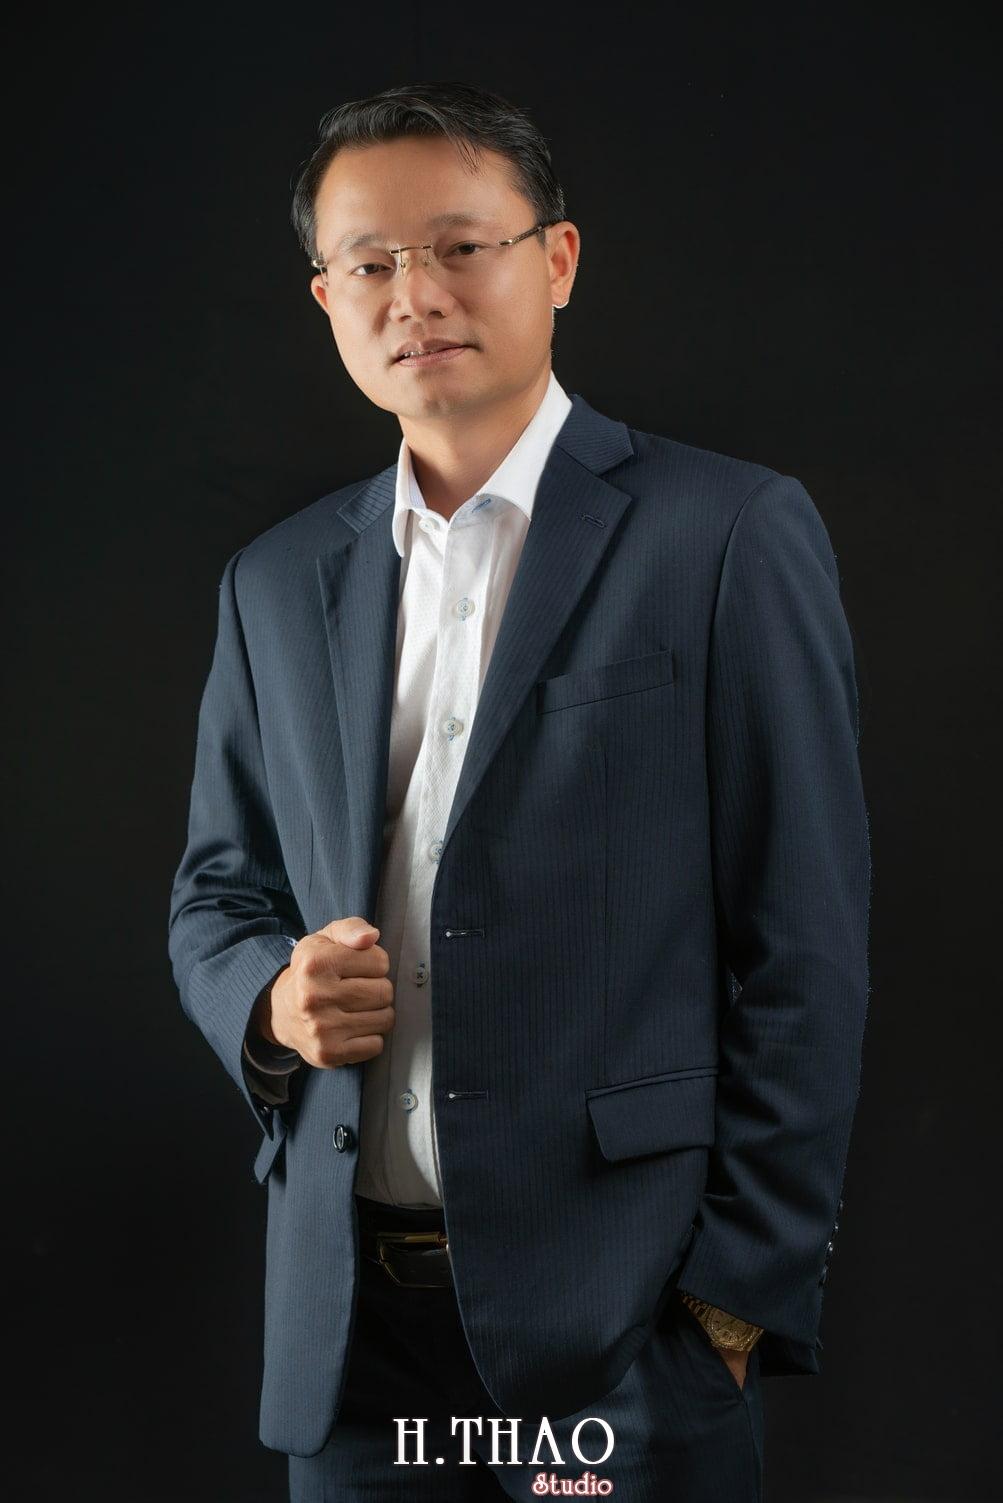 Anh Doanh Nhan 7 - Studio chuyên chụp ảnh profile công ty tại Tp.HCM – HThao Studio